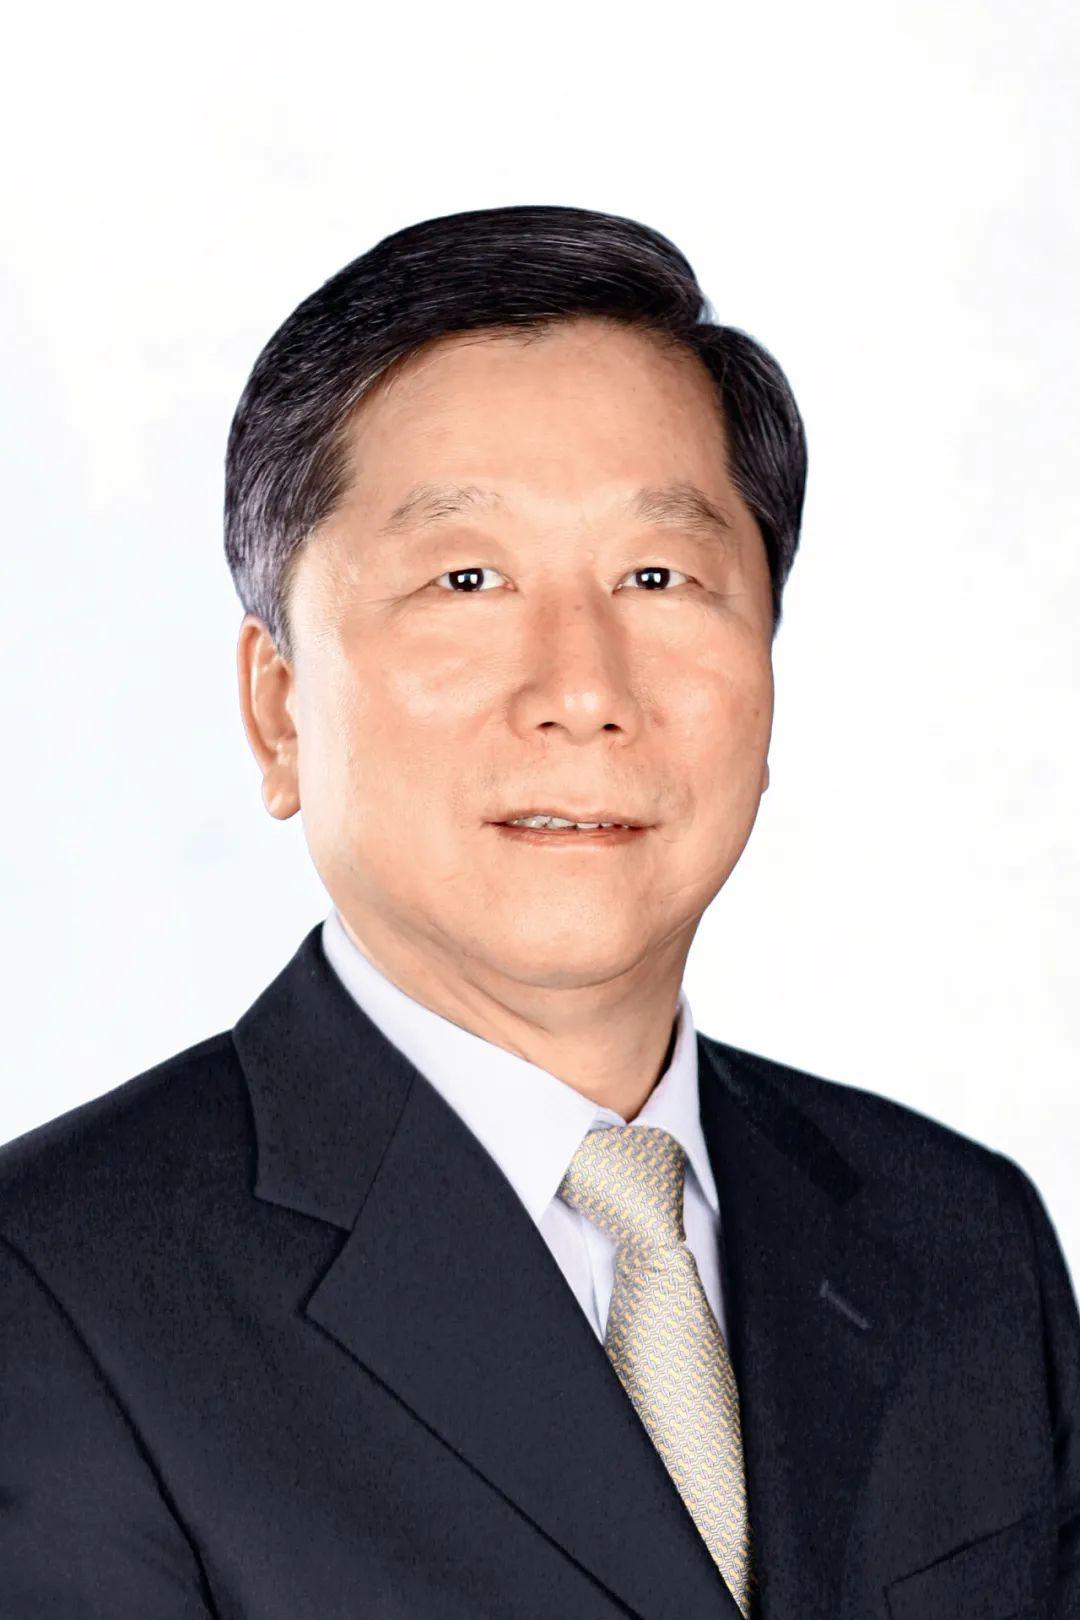 《中国金融》70年70人特别谈|尚福林谈银行业监管发